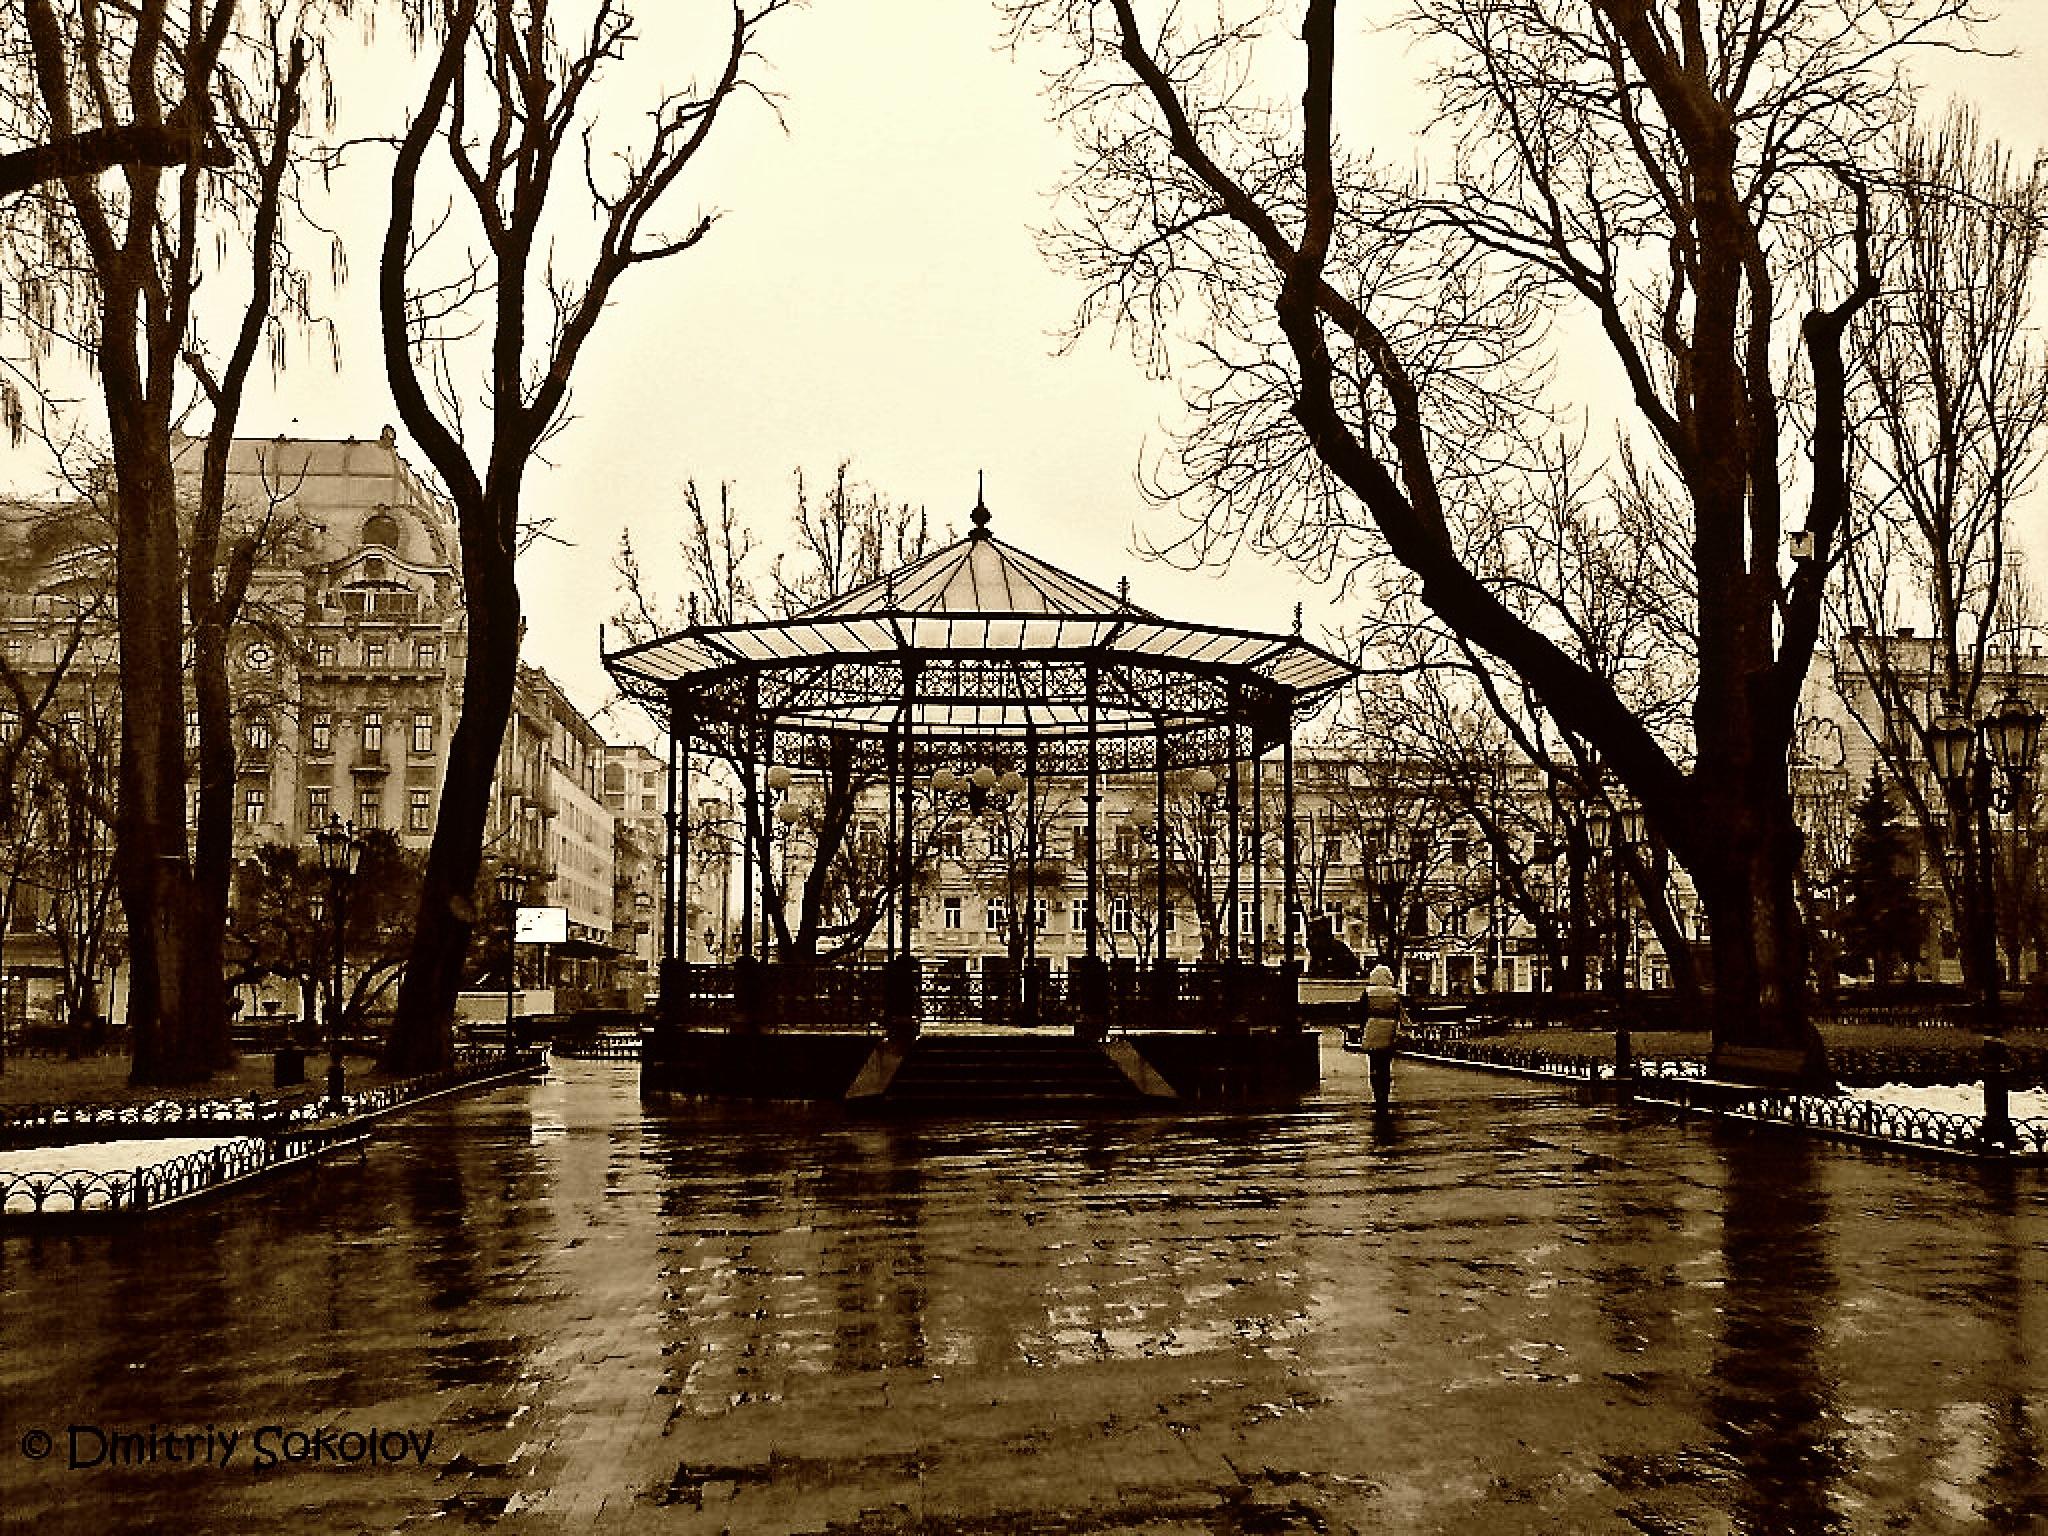 Untitled by Dmitriy Sokolov